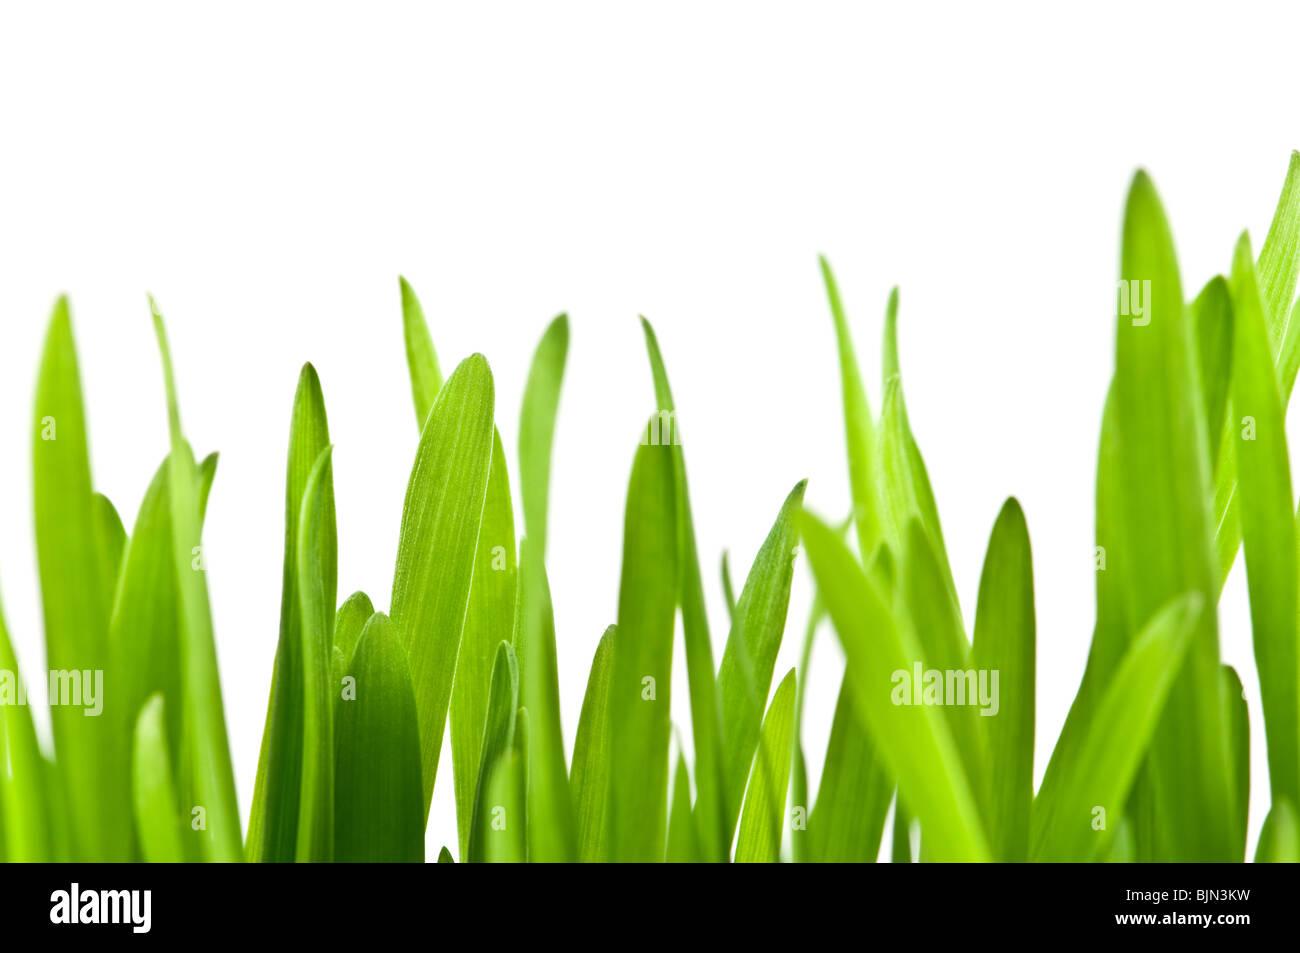 La pasto verde aislado sobre fondo blanco. Foto de stock